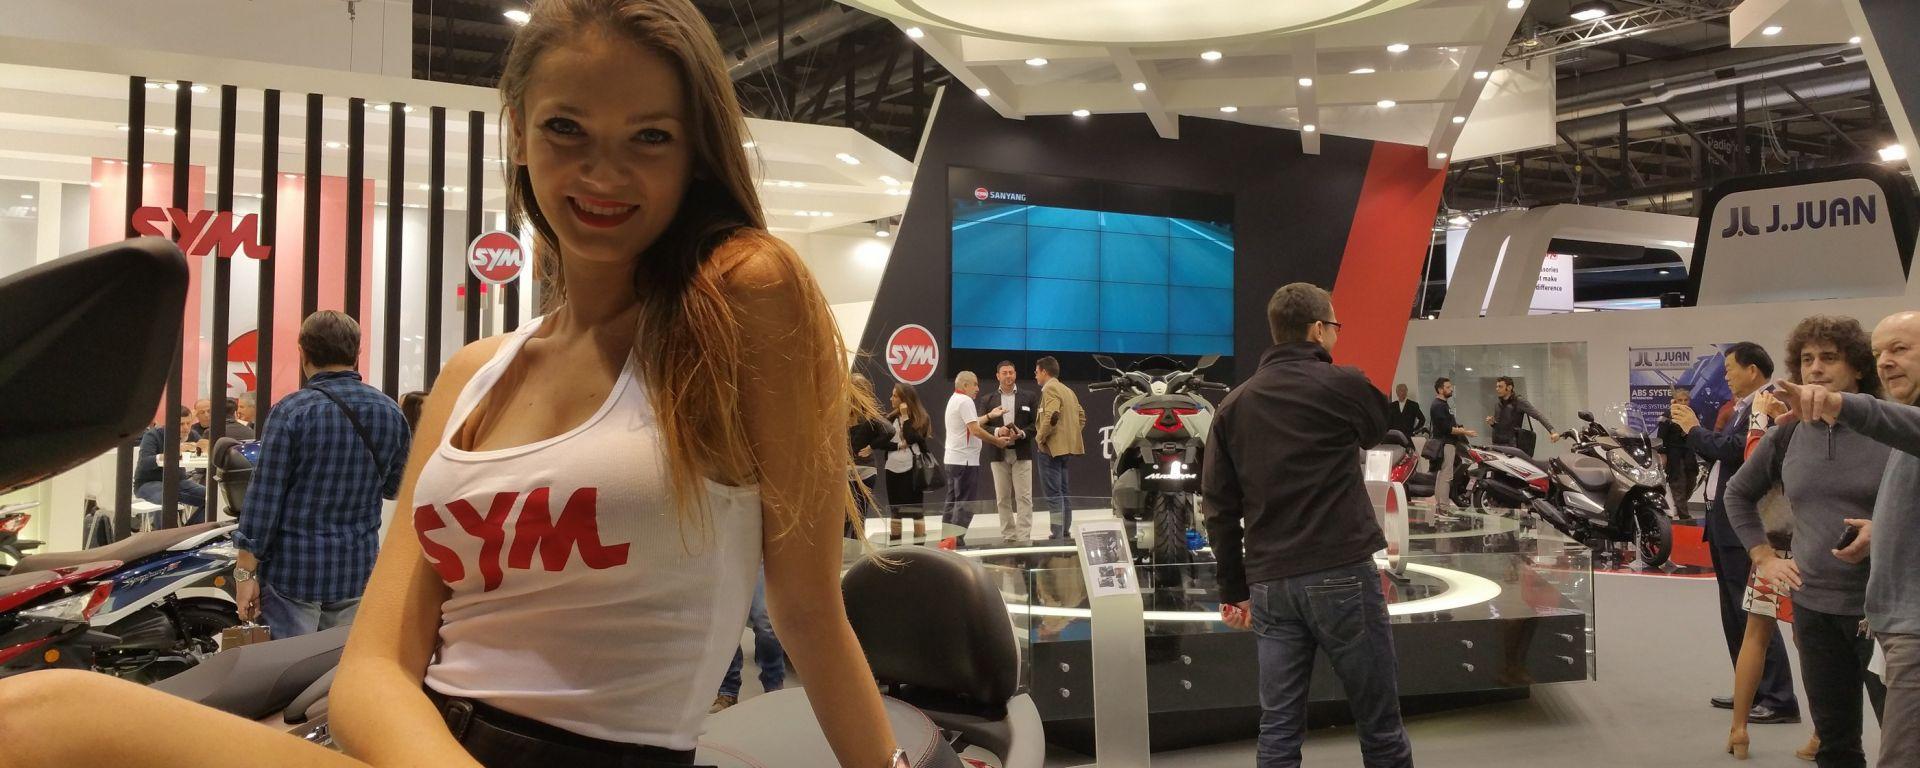 Eicma 2015: il Maxsym 500 e la café racer di Sym